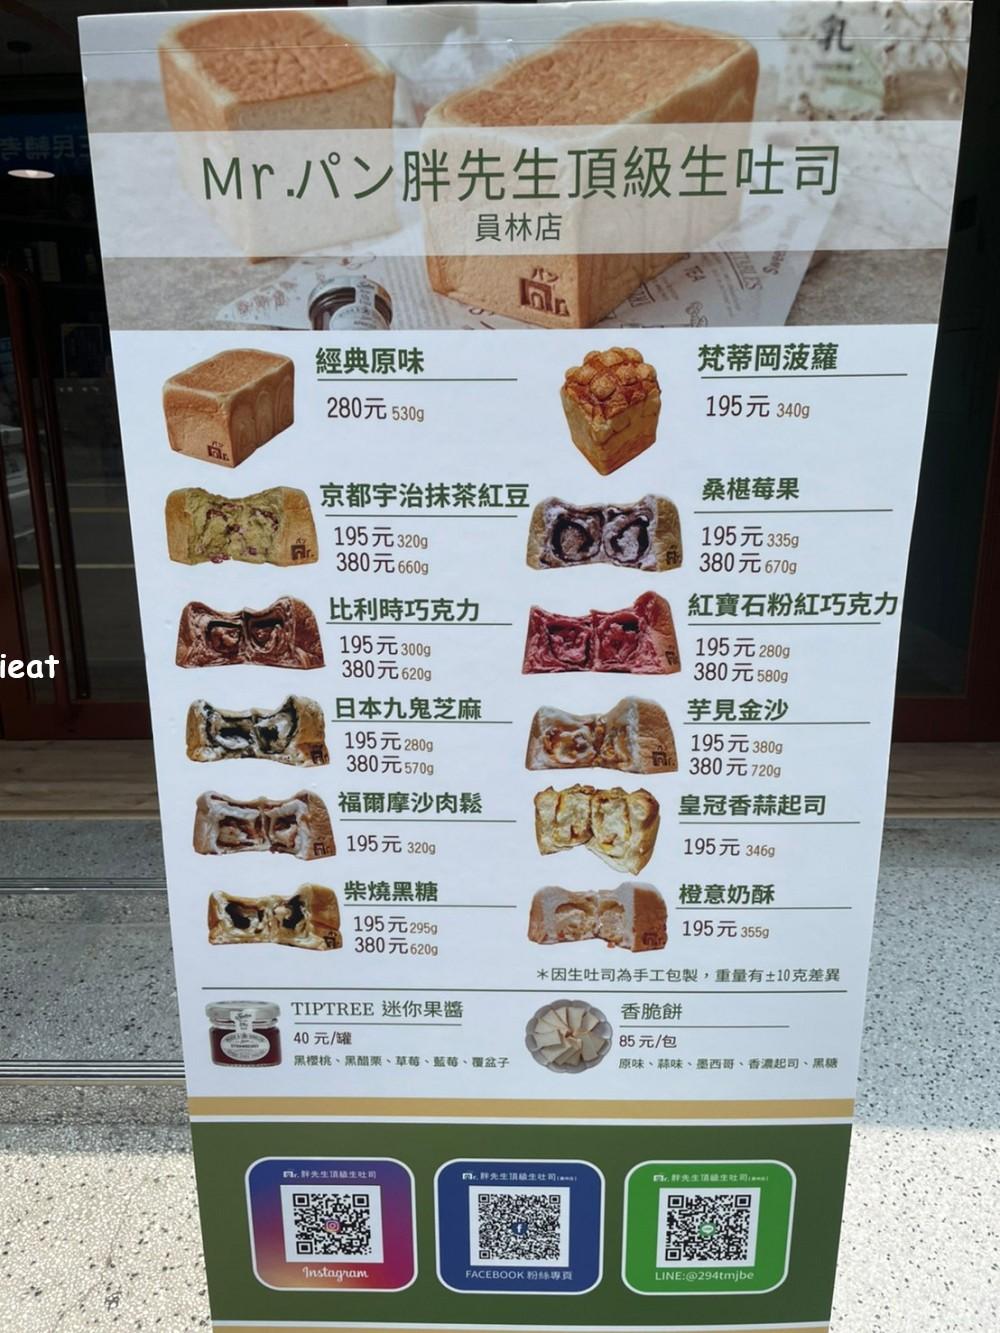 員林火車站生吐司 Mr.パン 胖先生頂級生吐司